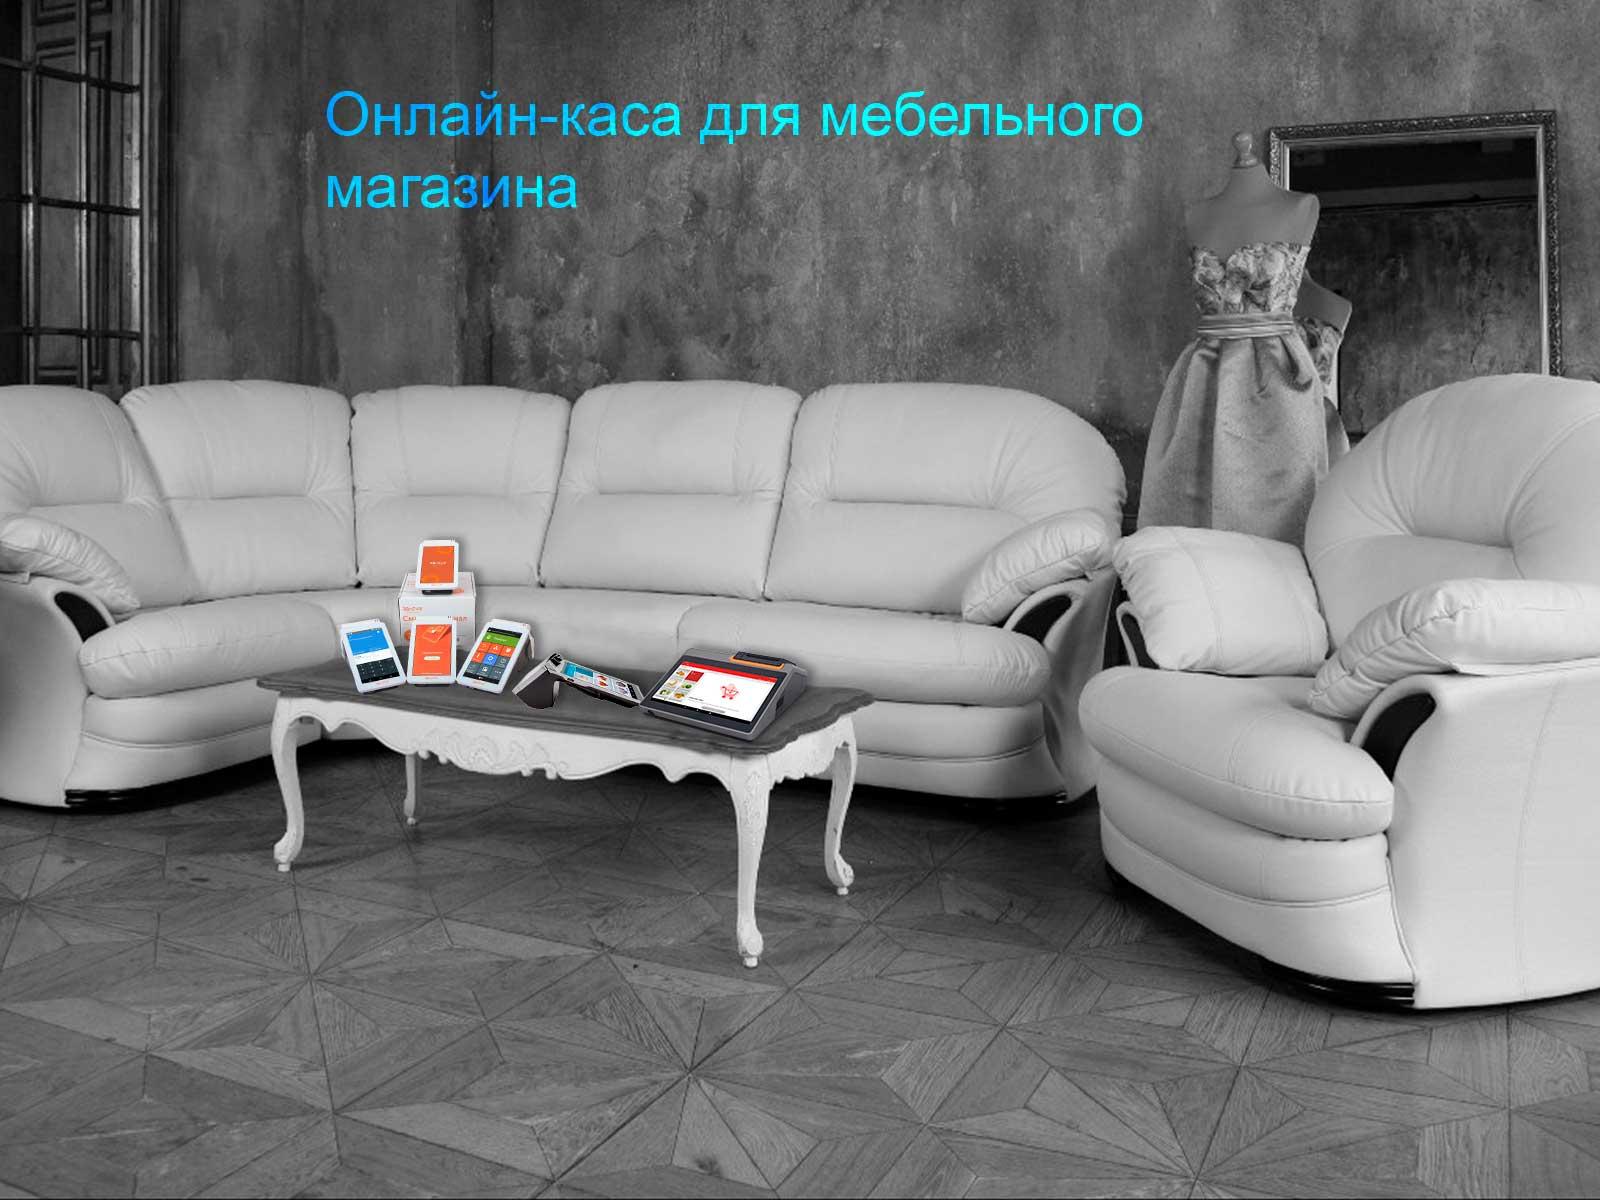 Онлайн-касса для мебельного магазина